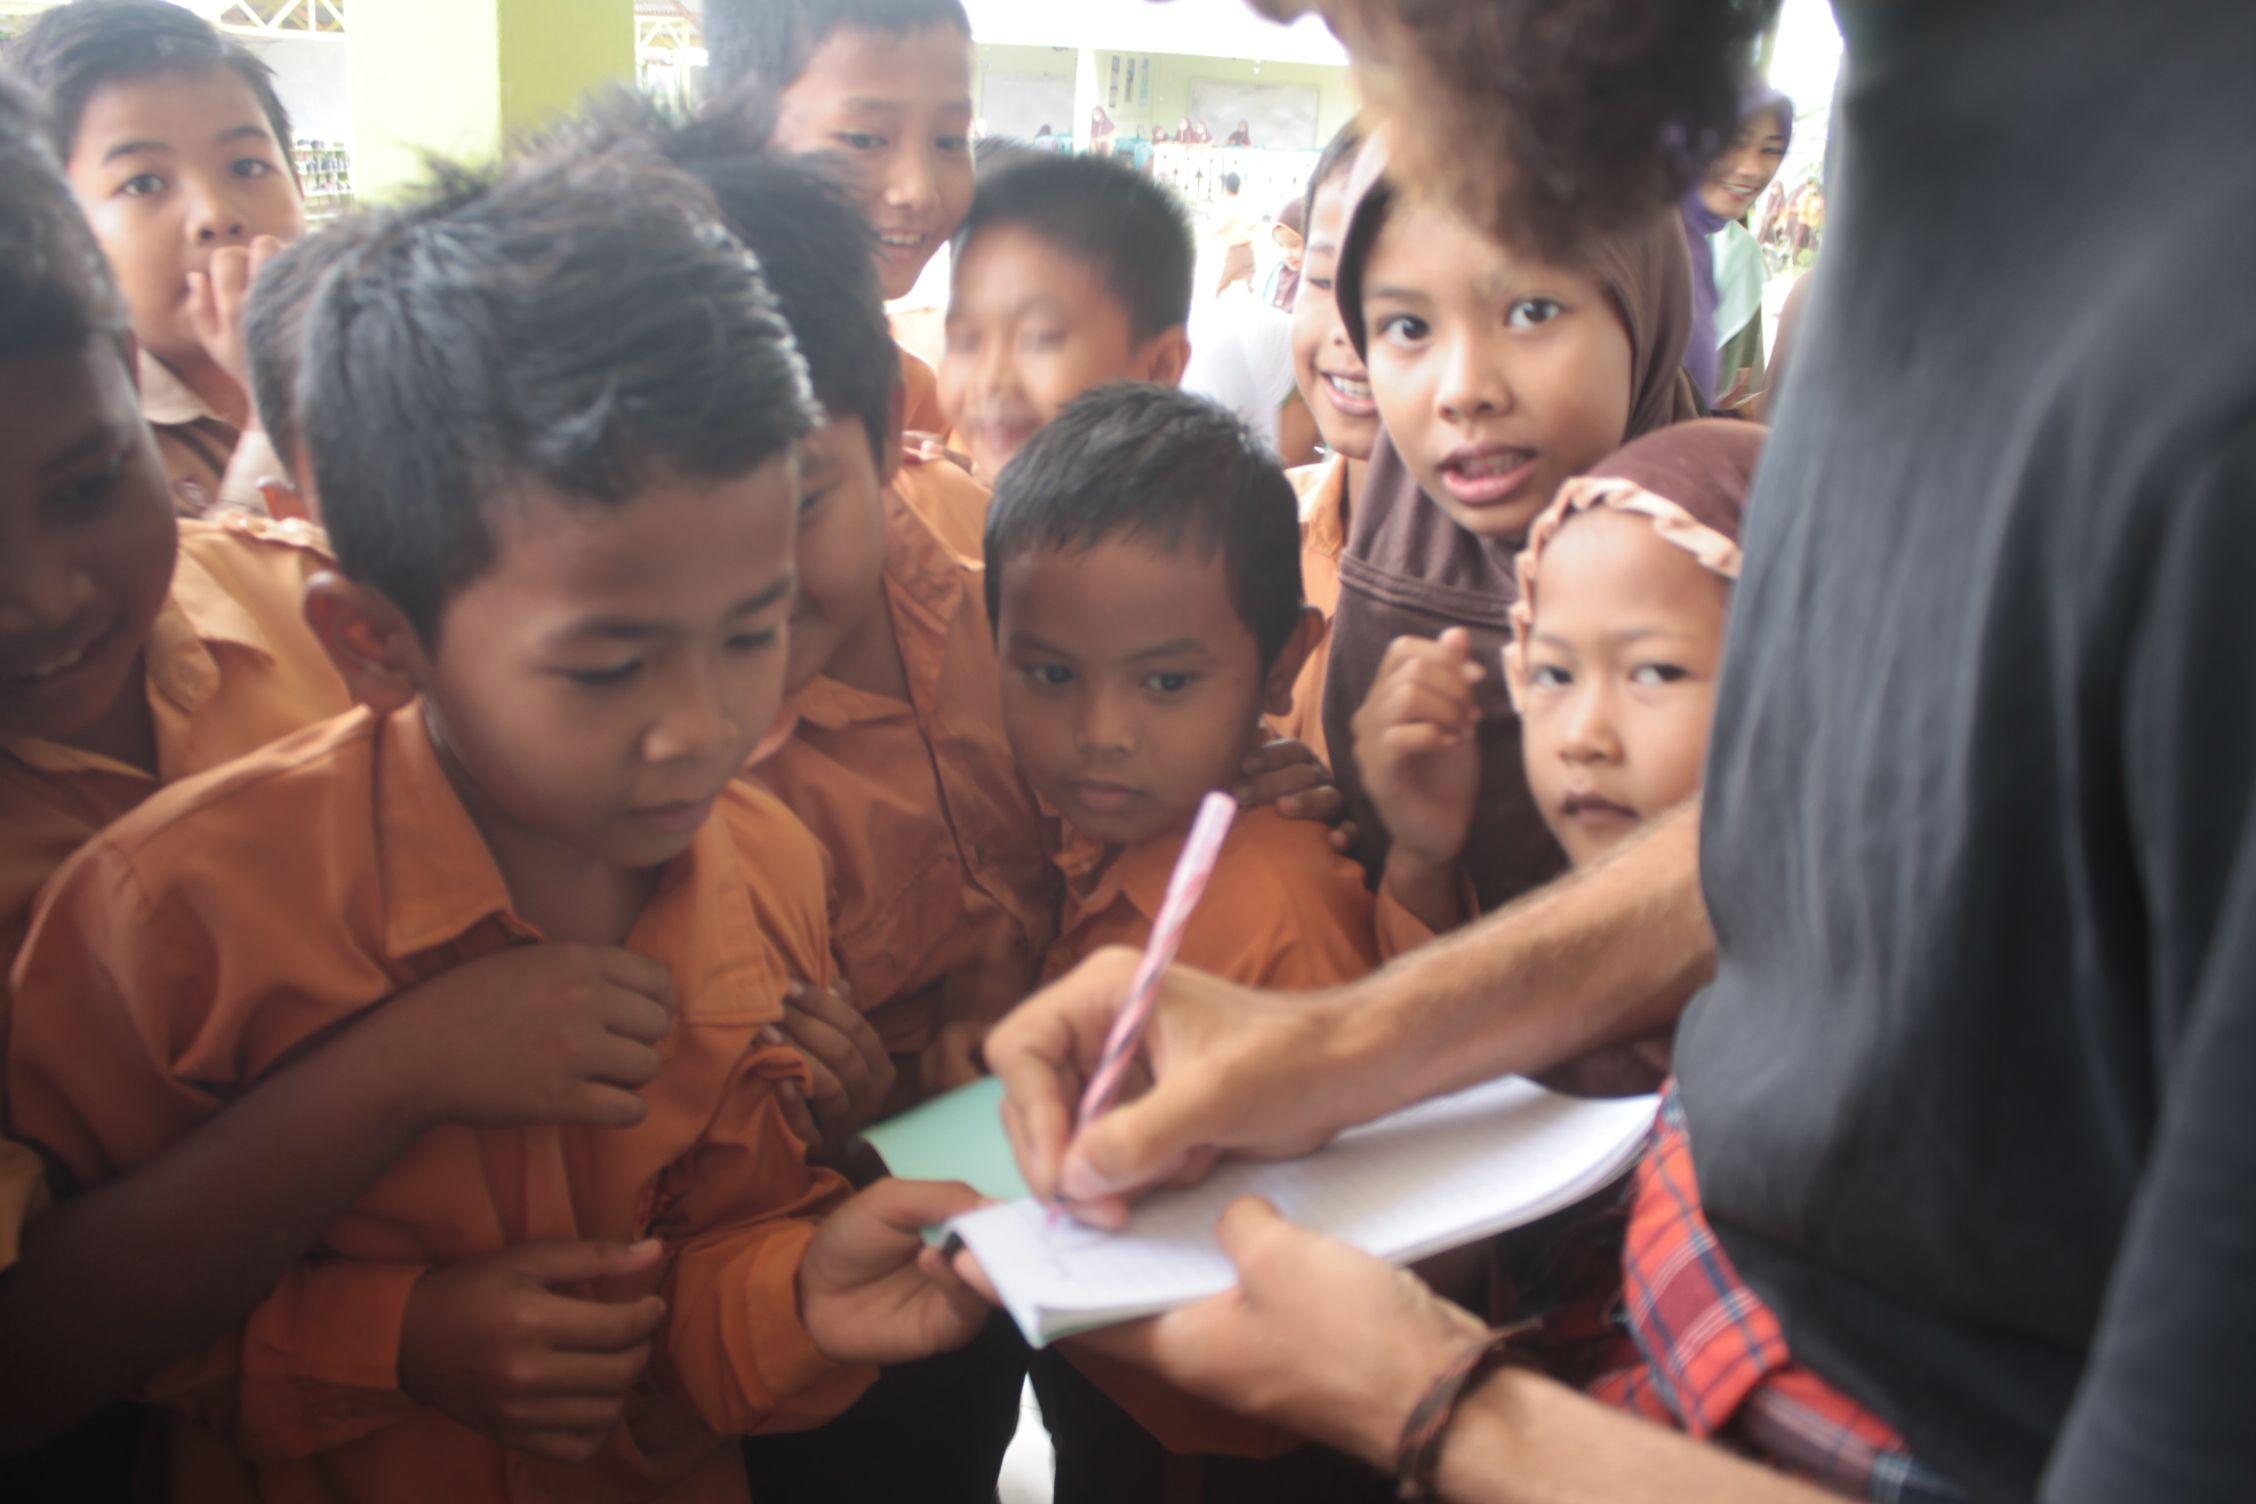 Firmando autografos a los estudiantes